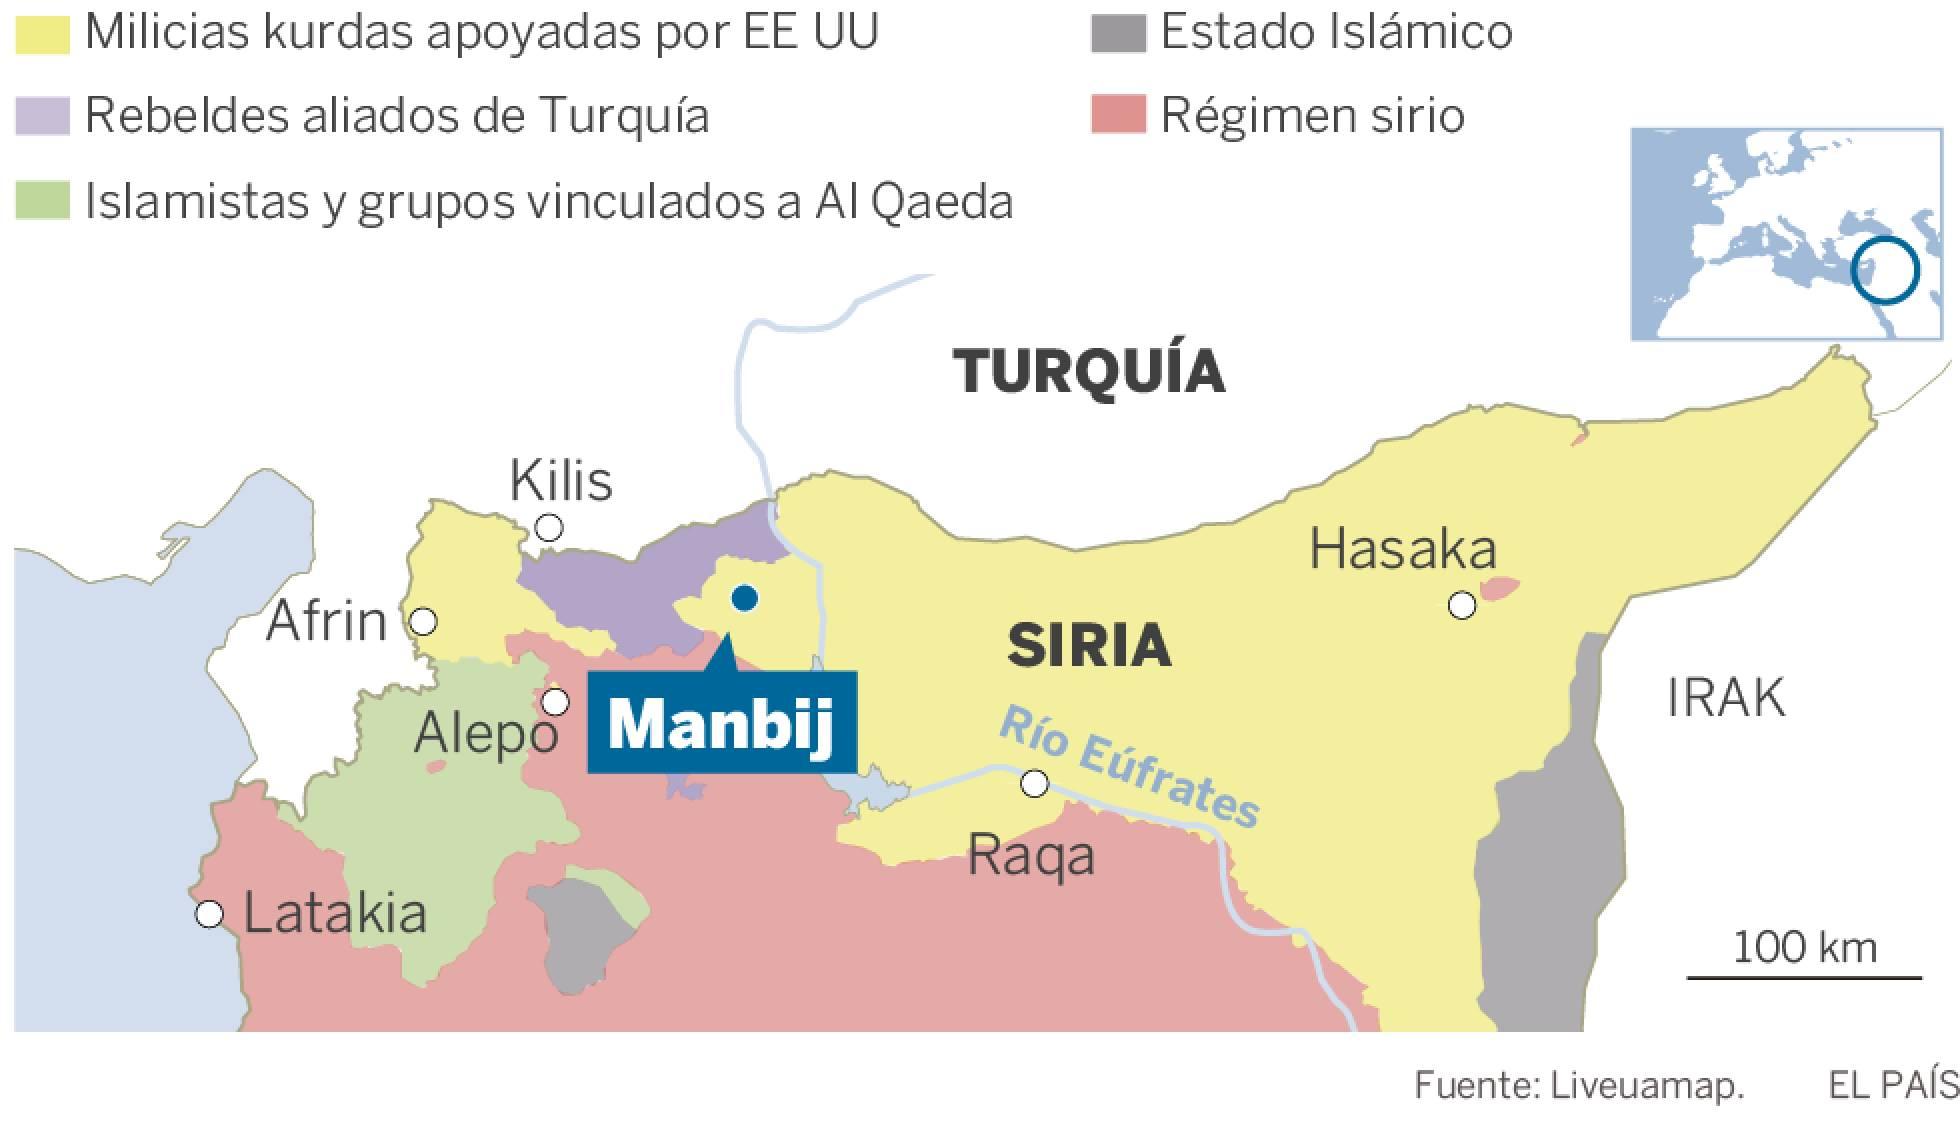 Conflicto Turquía - Siria  - Página 14 1518791338_265911_1518795177_sumario_normal_recorte1